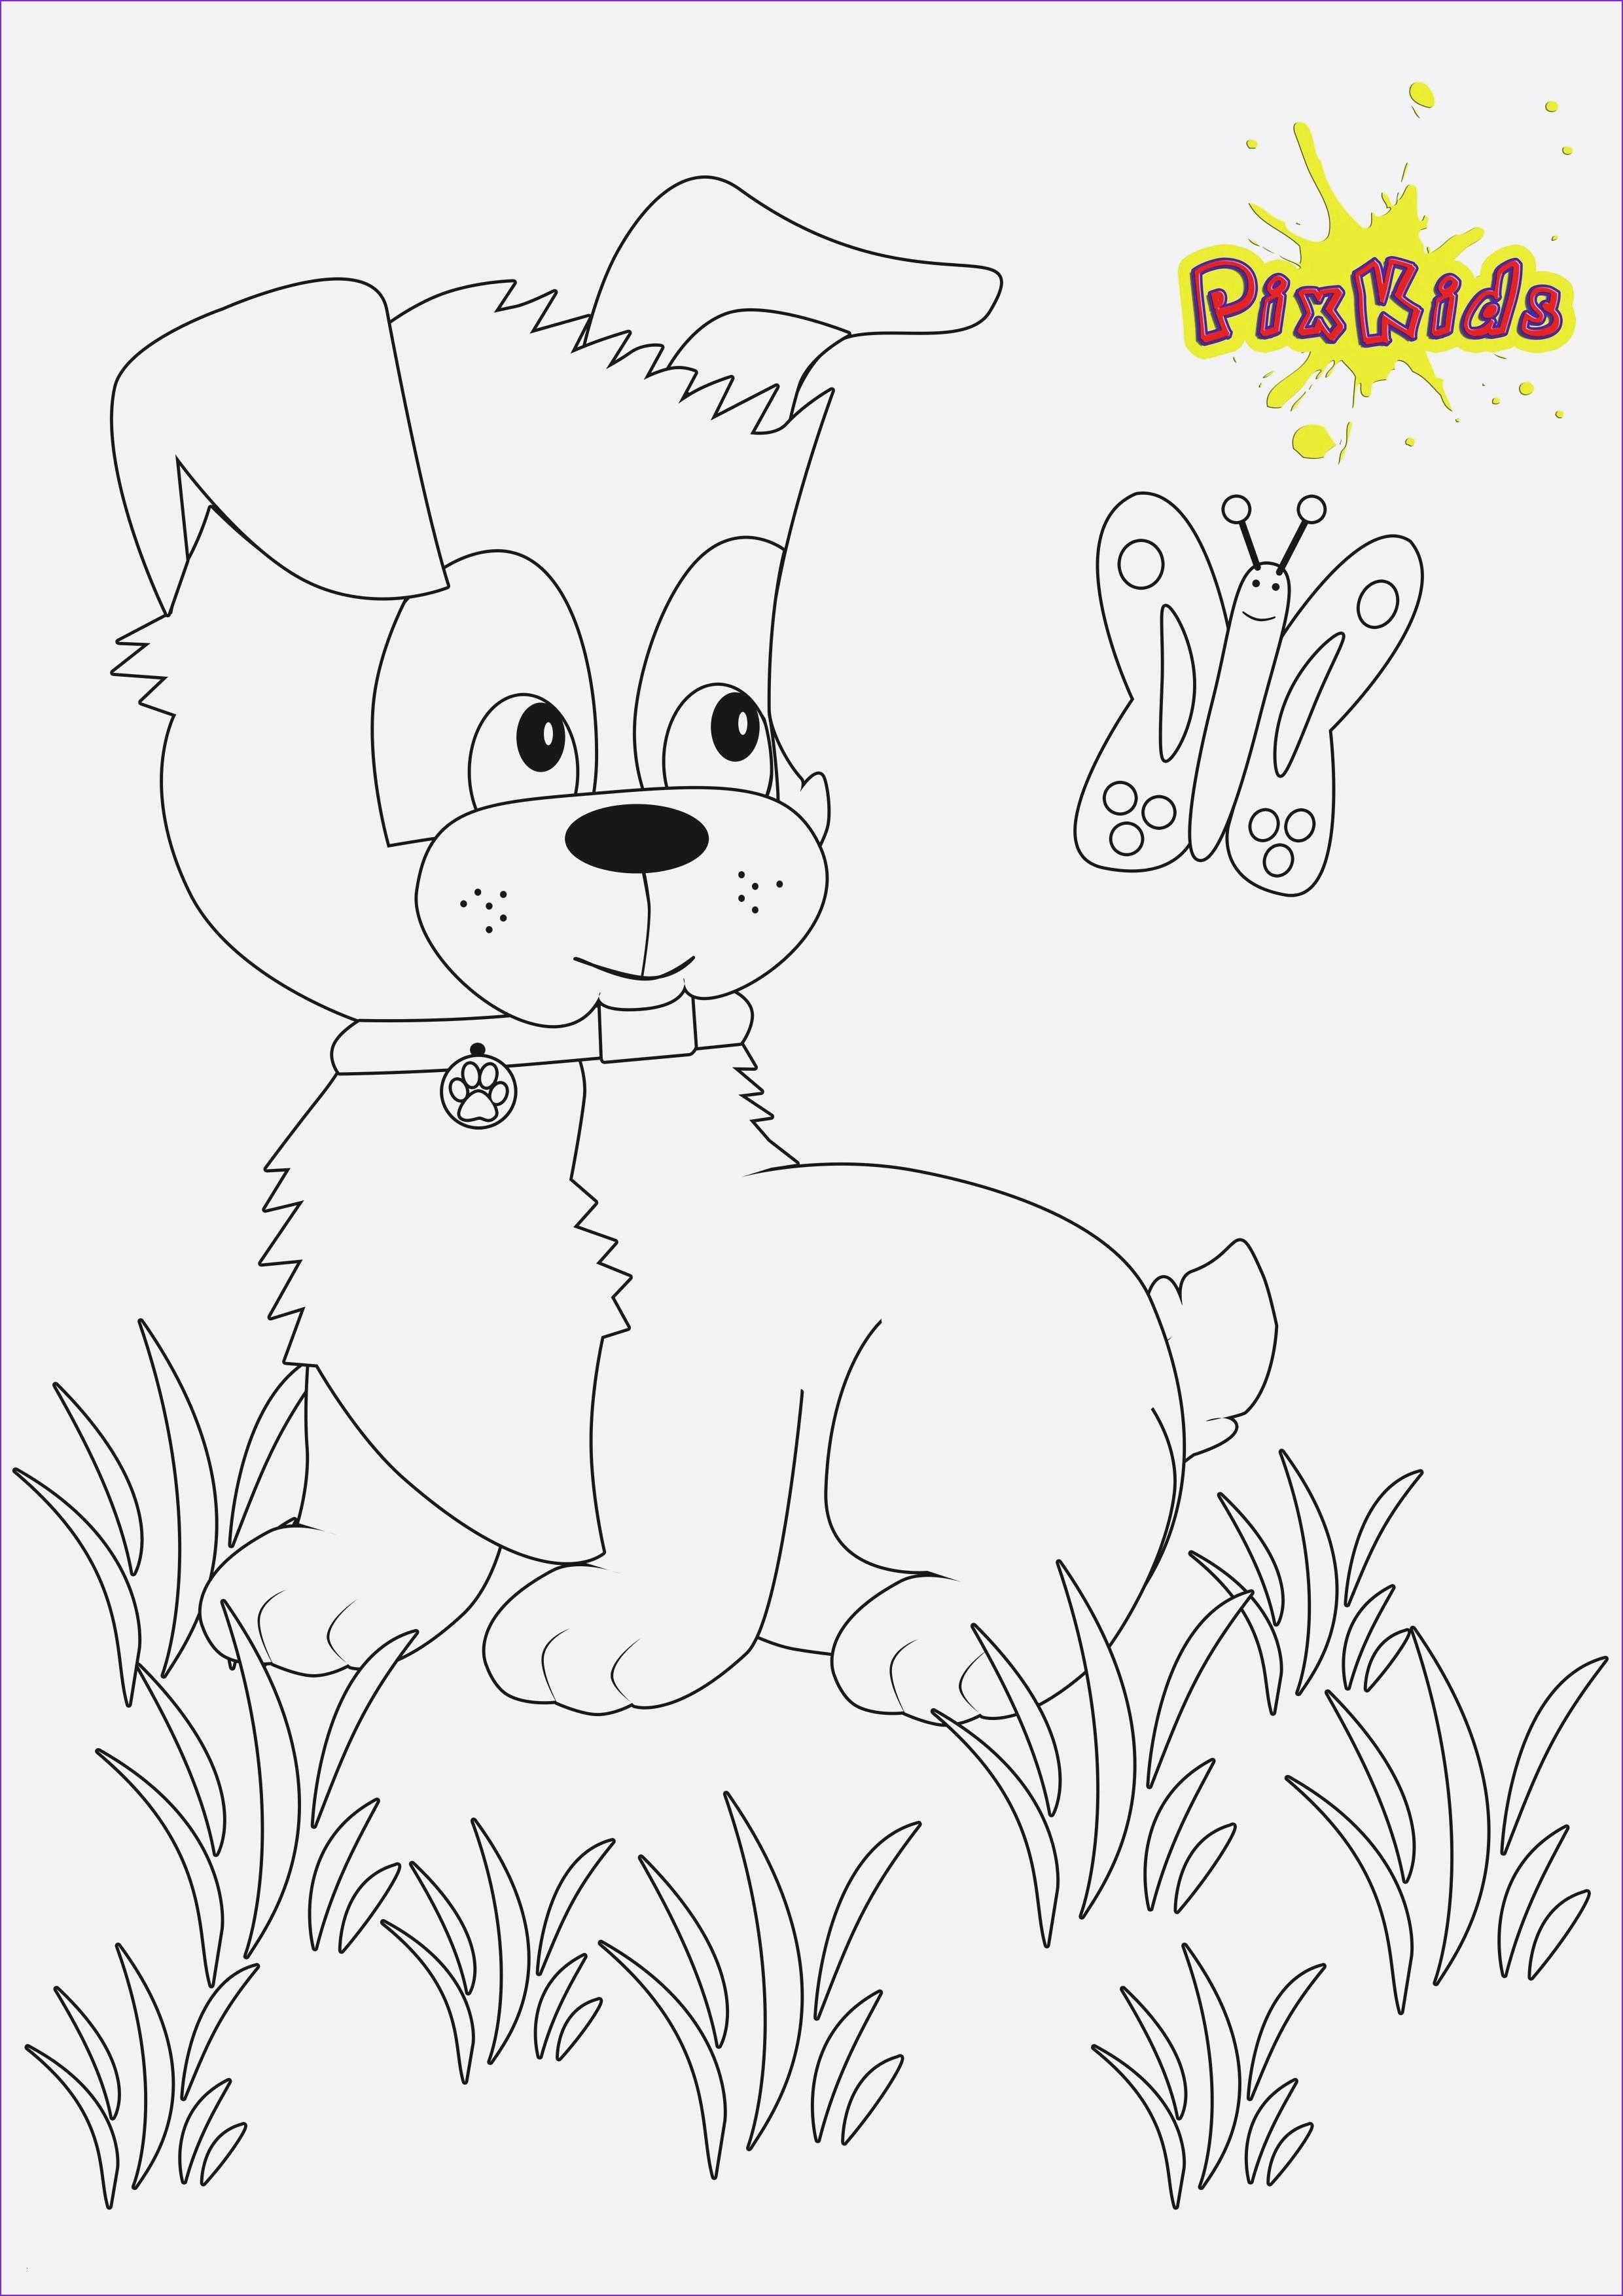 Ausmalbilder Hund Und Katze Neu Bildergalerie & Bilder Zum Ausmalen Ausmalbilder Hund Und Pferd Fotografieren